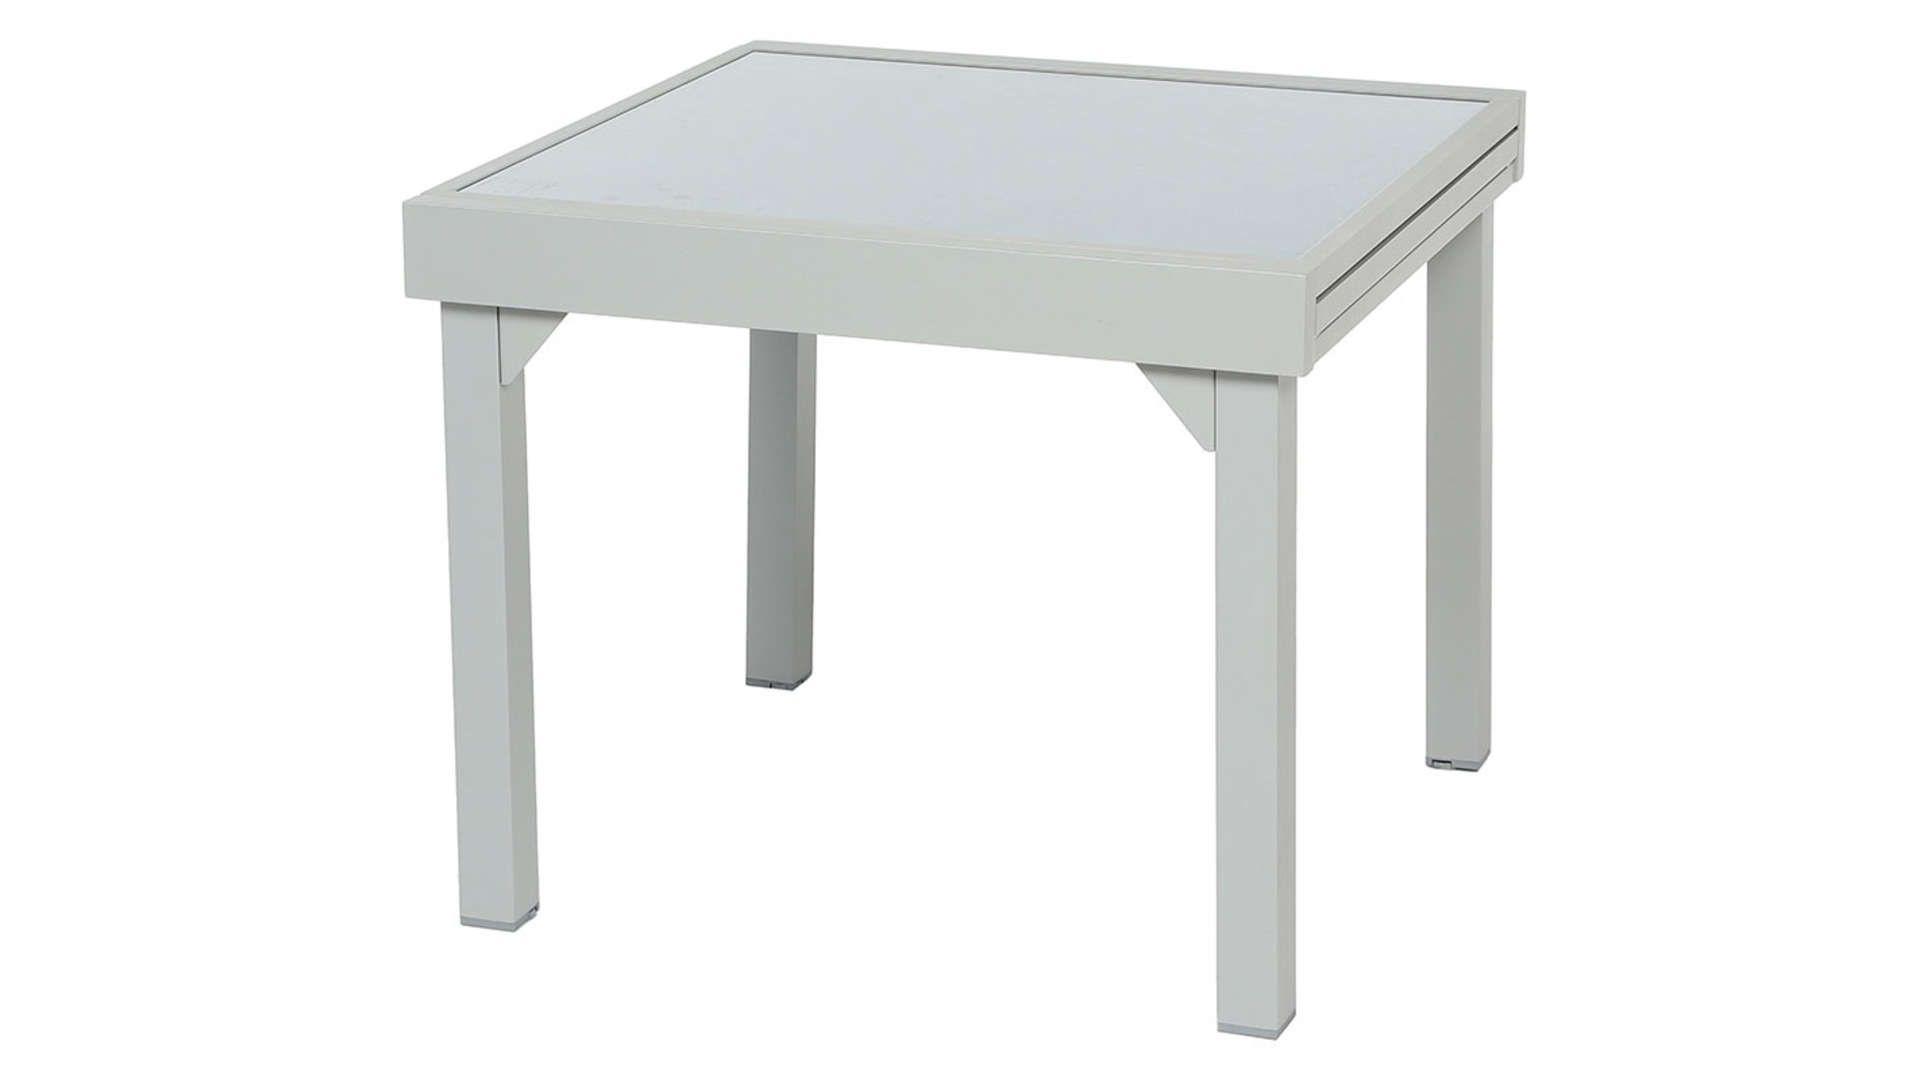 Table De Jardin 90 Cm Avec Allonge-564697 | Table De Jardin ... avec Table De Jardin Conforama